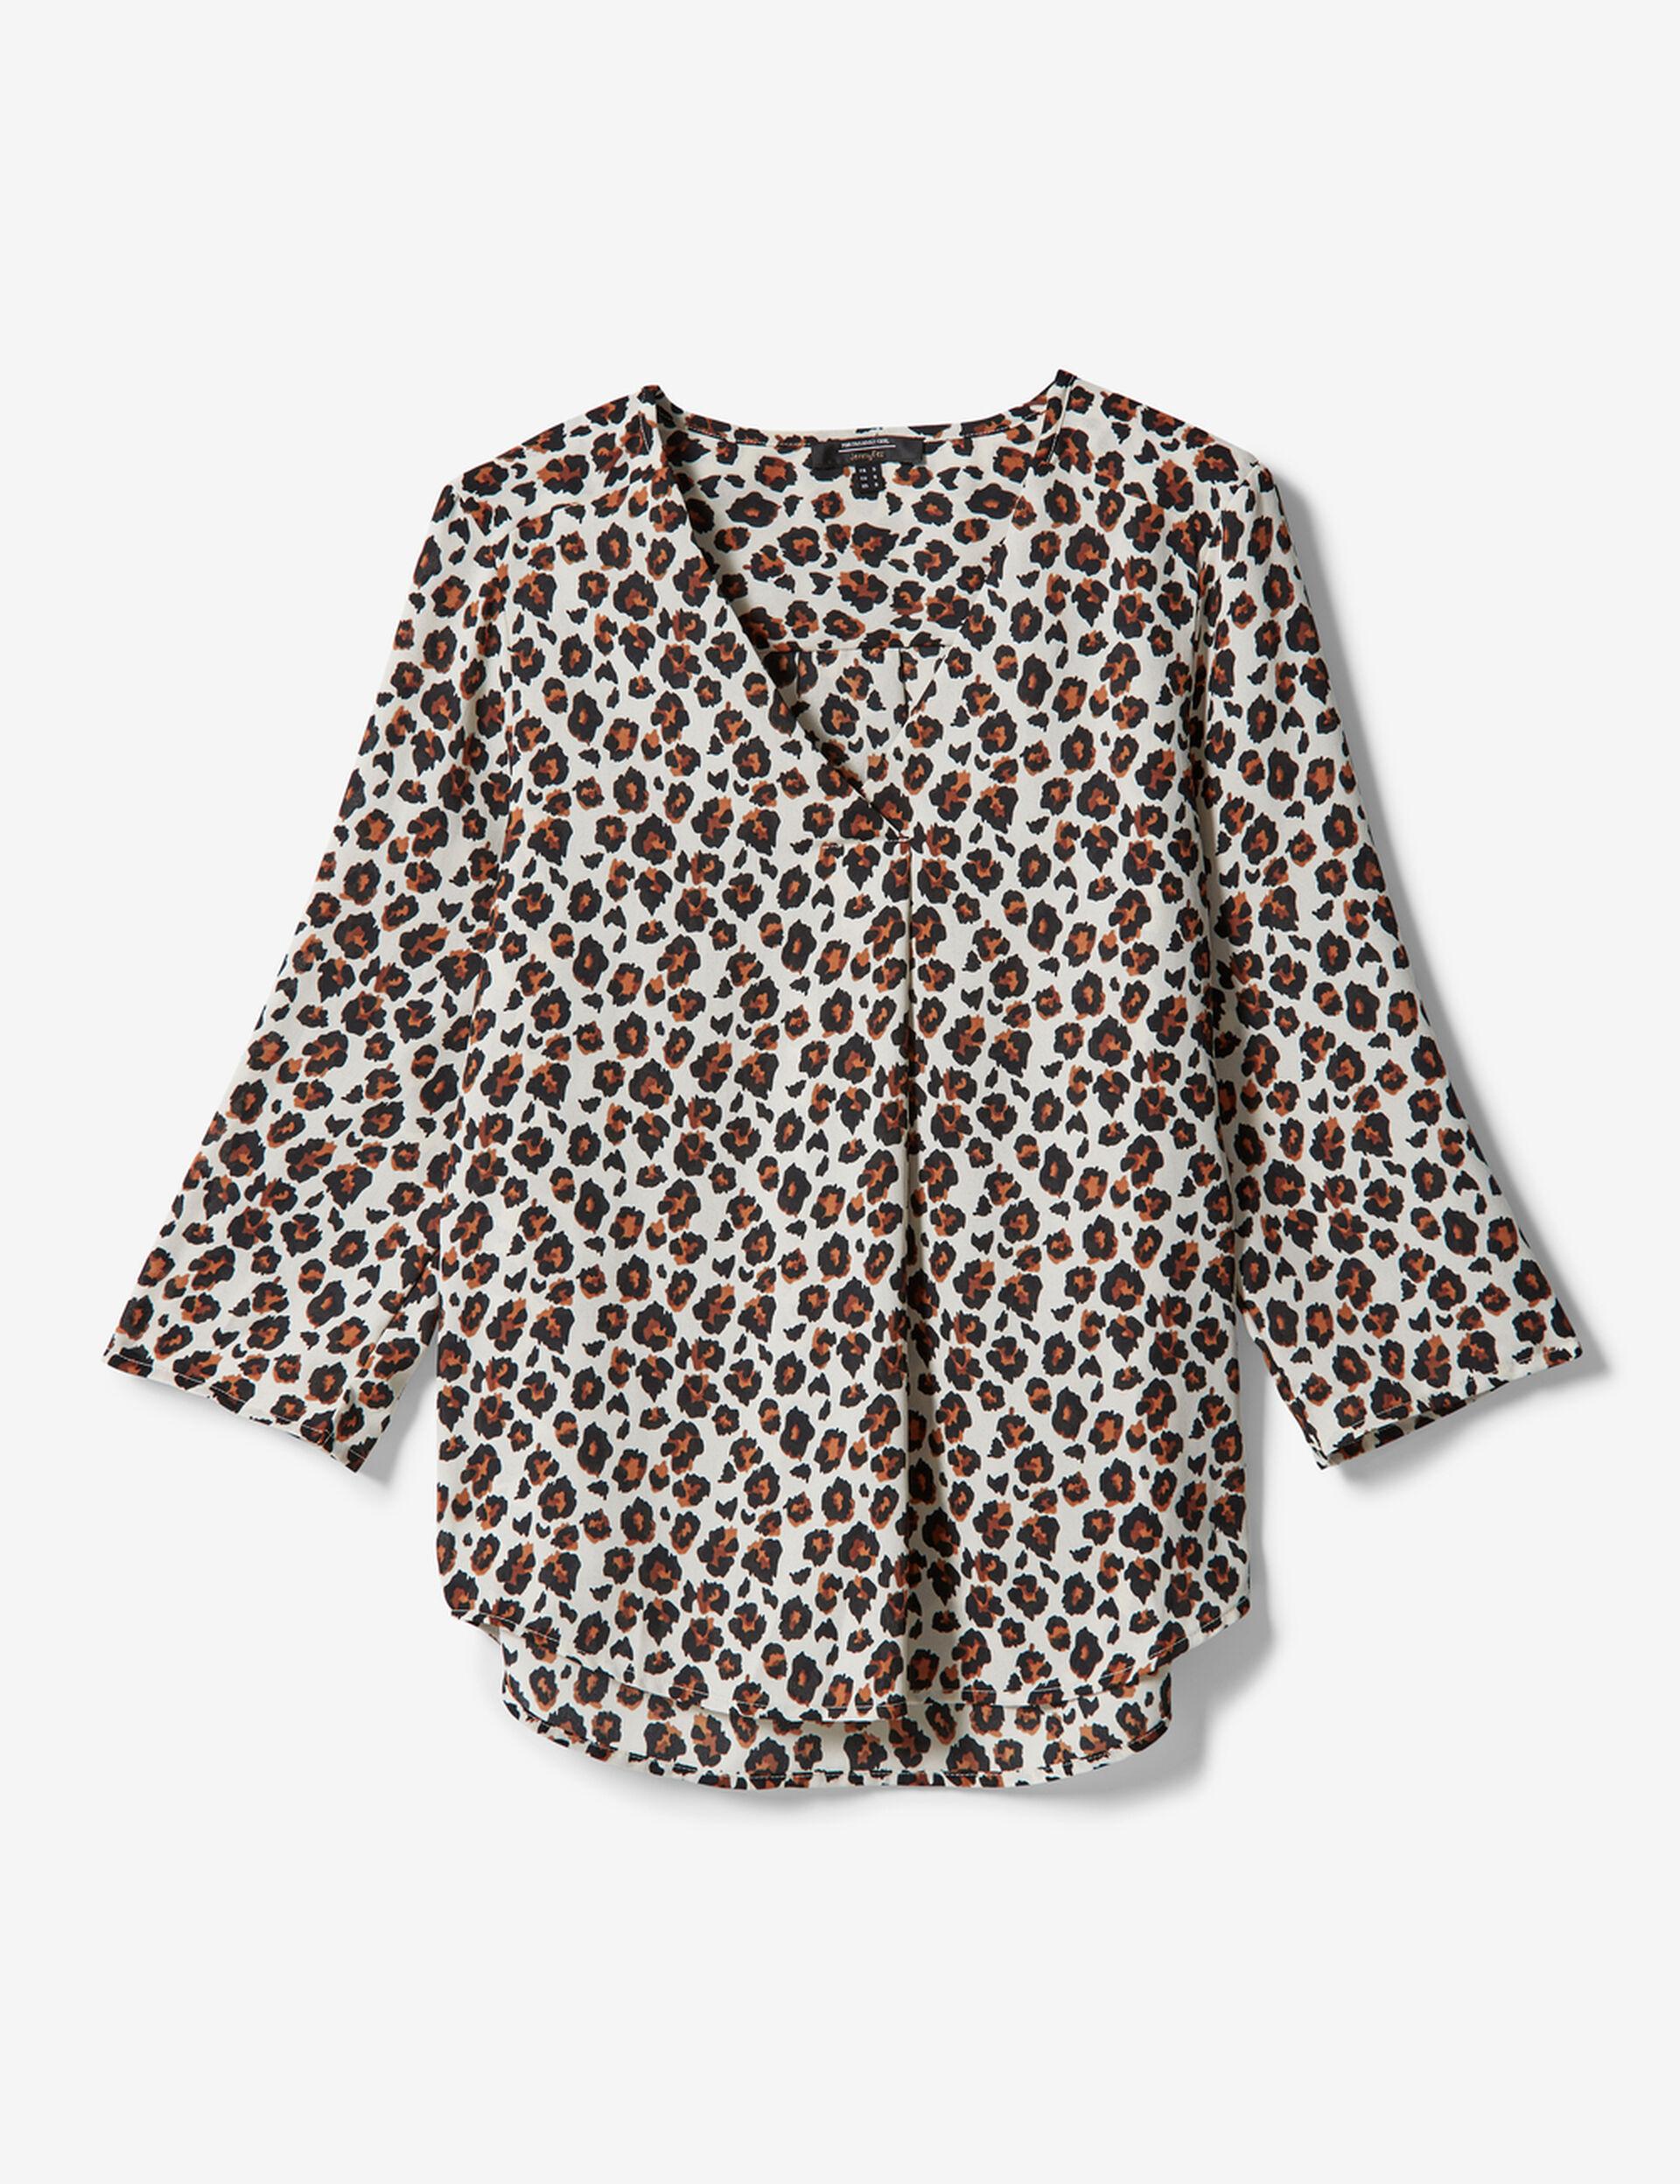 Blouse léopard écrue, noire et marron